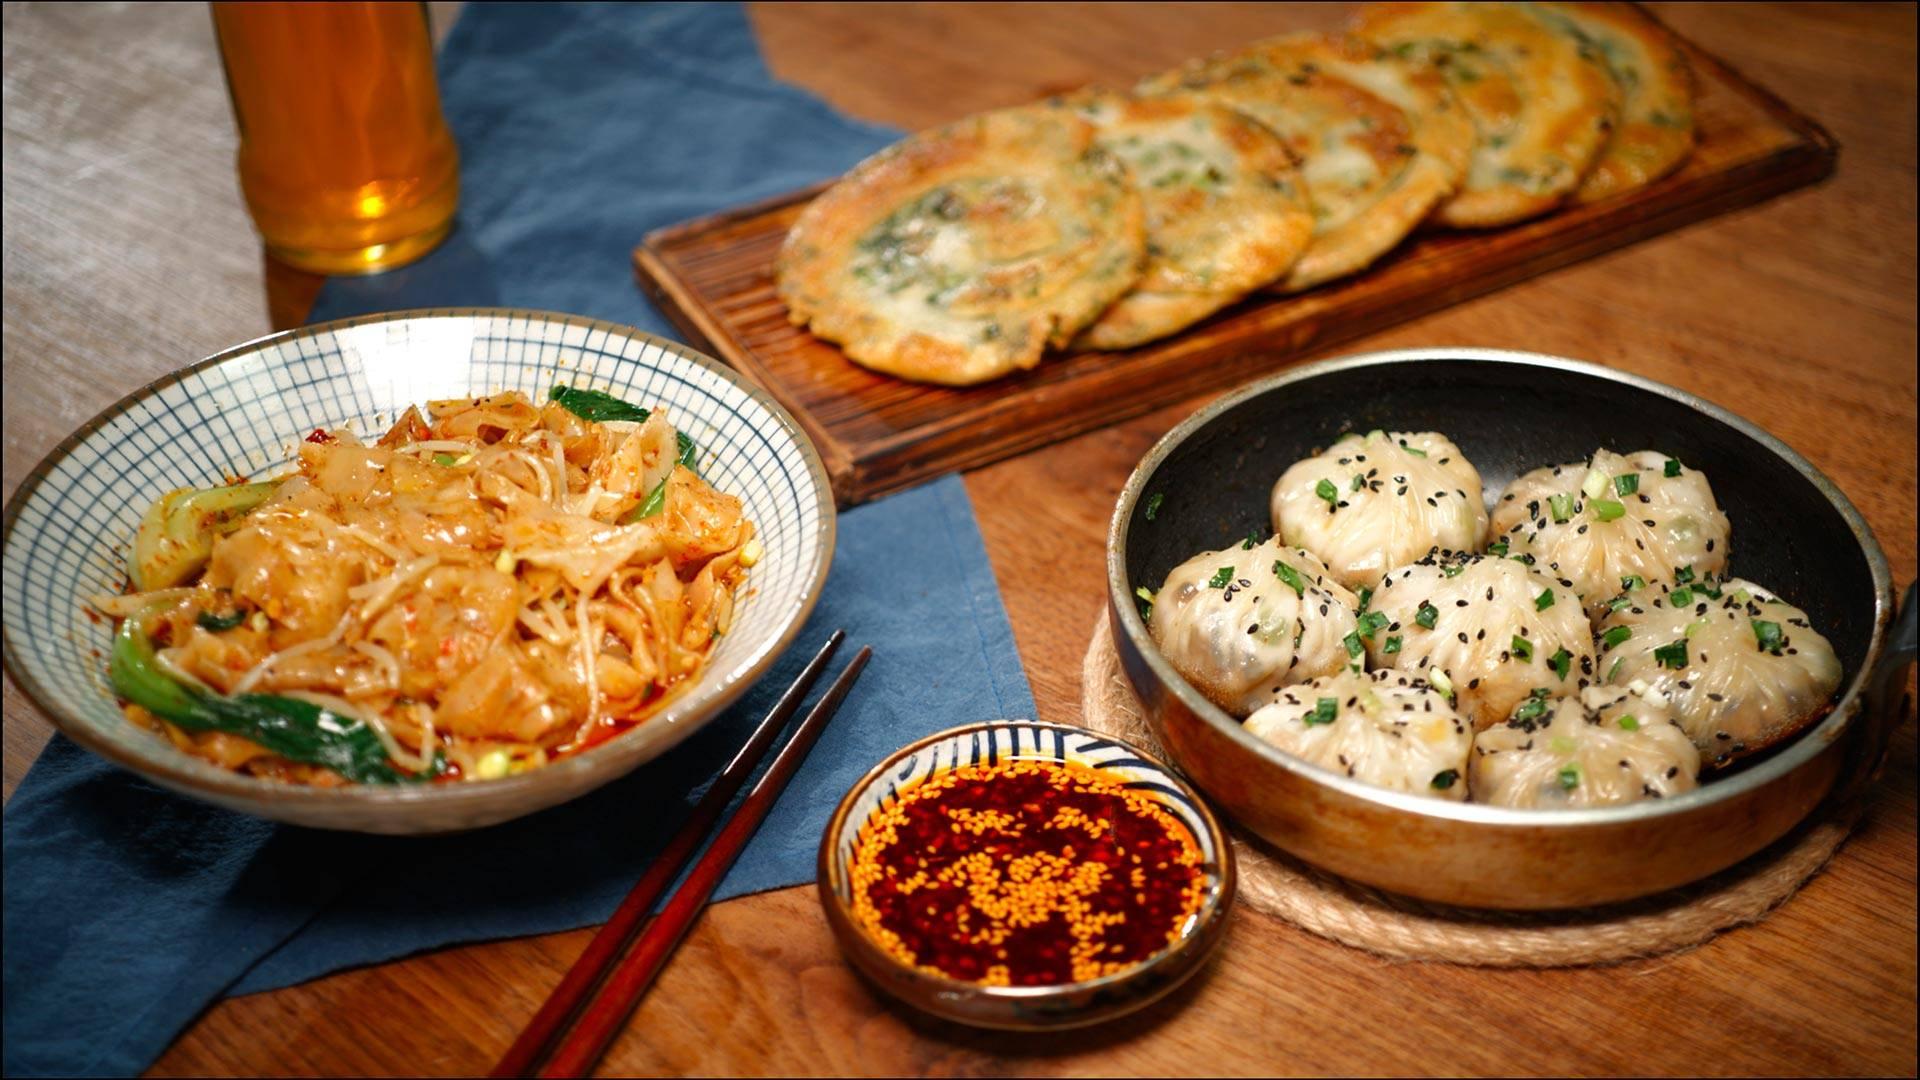 【饺子皮合辑】饺子皮竟有这么多吃法,还这么方便又美味?